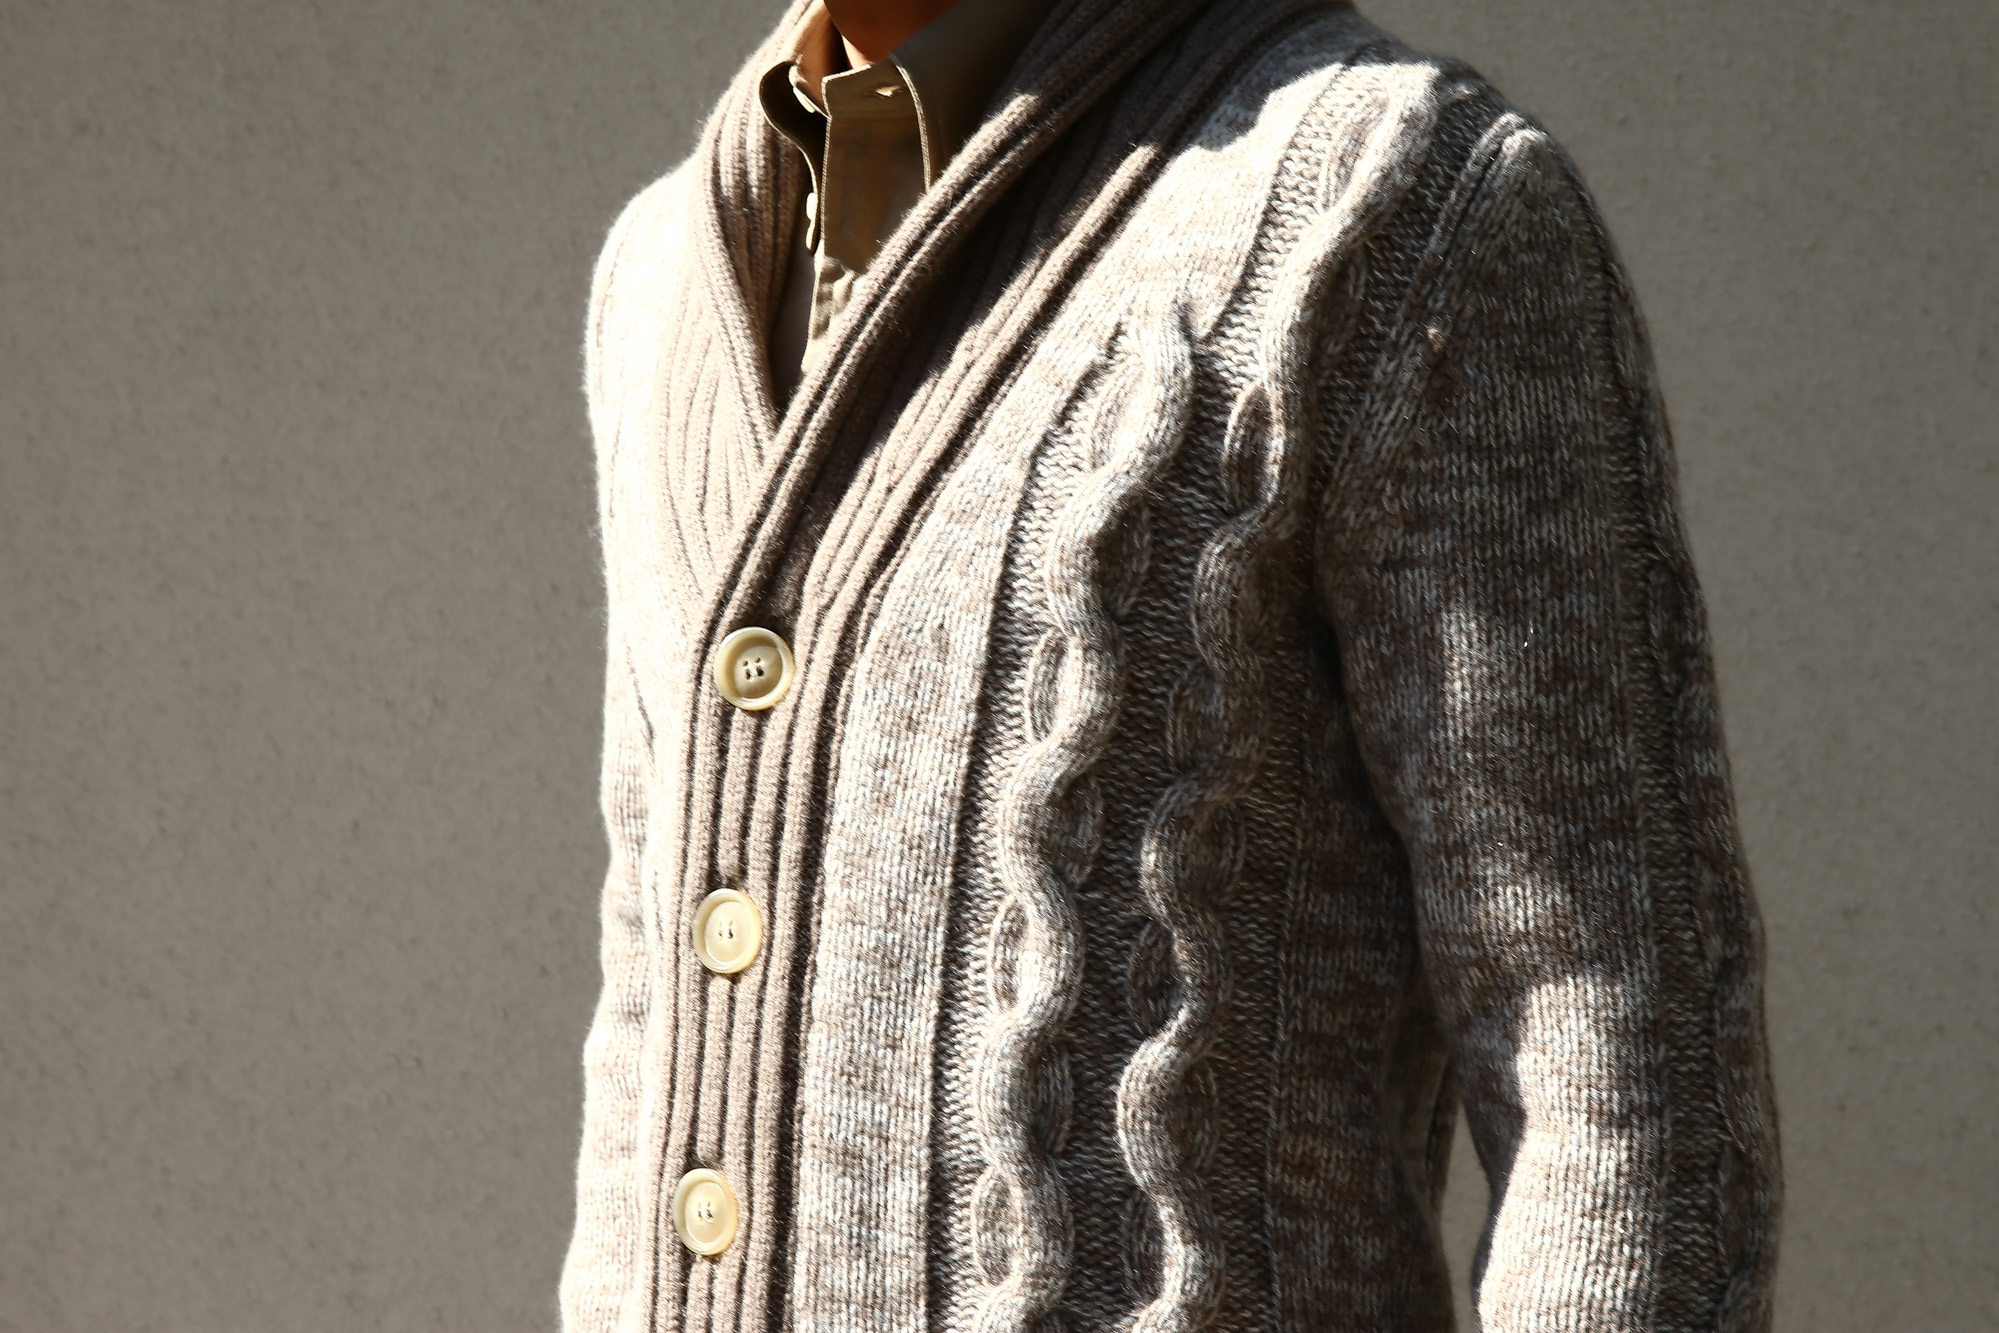 Settefili Cashmere (セッテフィーリ カシミア) Shawl Collar Cardigan (ショールカラーカーディガン) メランジ ウール カシミア ローゲージニットカーディガン ショールカラーカーディガン GREGE (グレージュ・CM01) made in italy (イタリア製) 2016 秋冬新作 愛知 名古屋 Alto e Diritto アルト エ デリット ショールカラー セッテフィーリカシミア